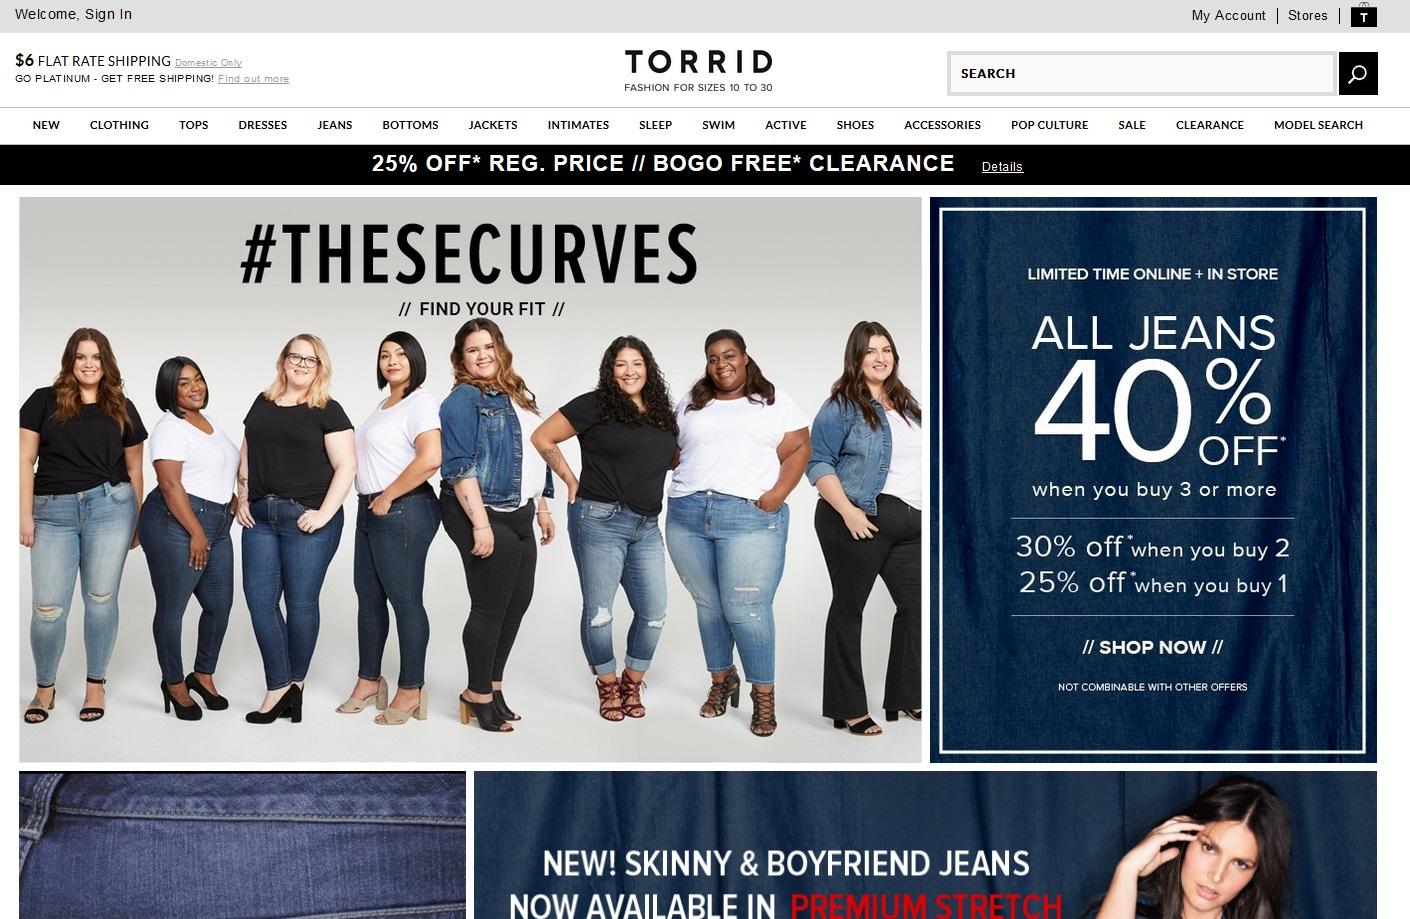 02304d3e3 Американский интернет магазин для полных. Одежда – 48-66, обувь 36-43  размера. Молодежные линейки эпатируют и впечатляют: рваные джинсы  бойфренды, ...